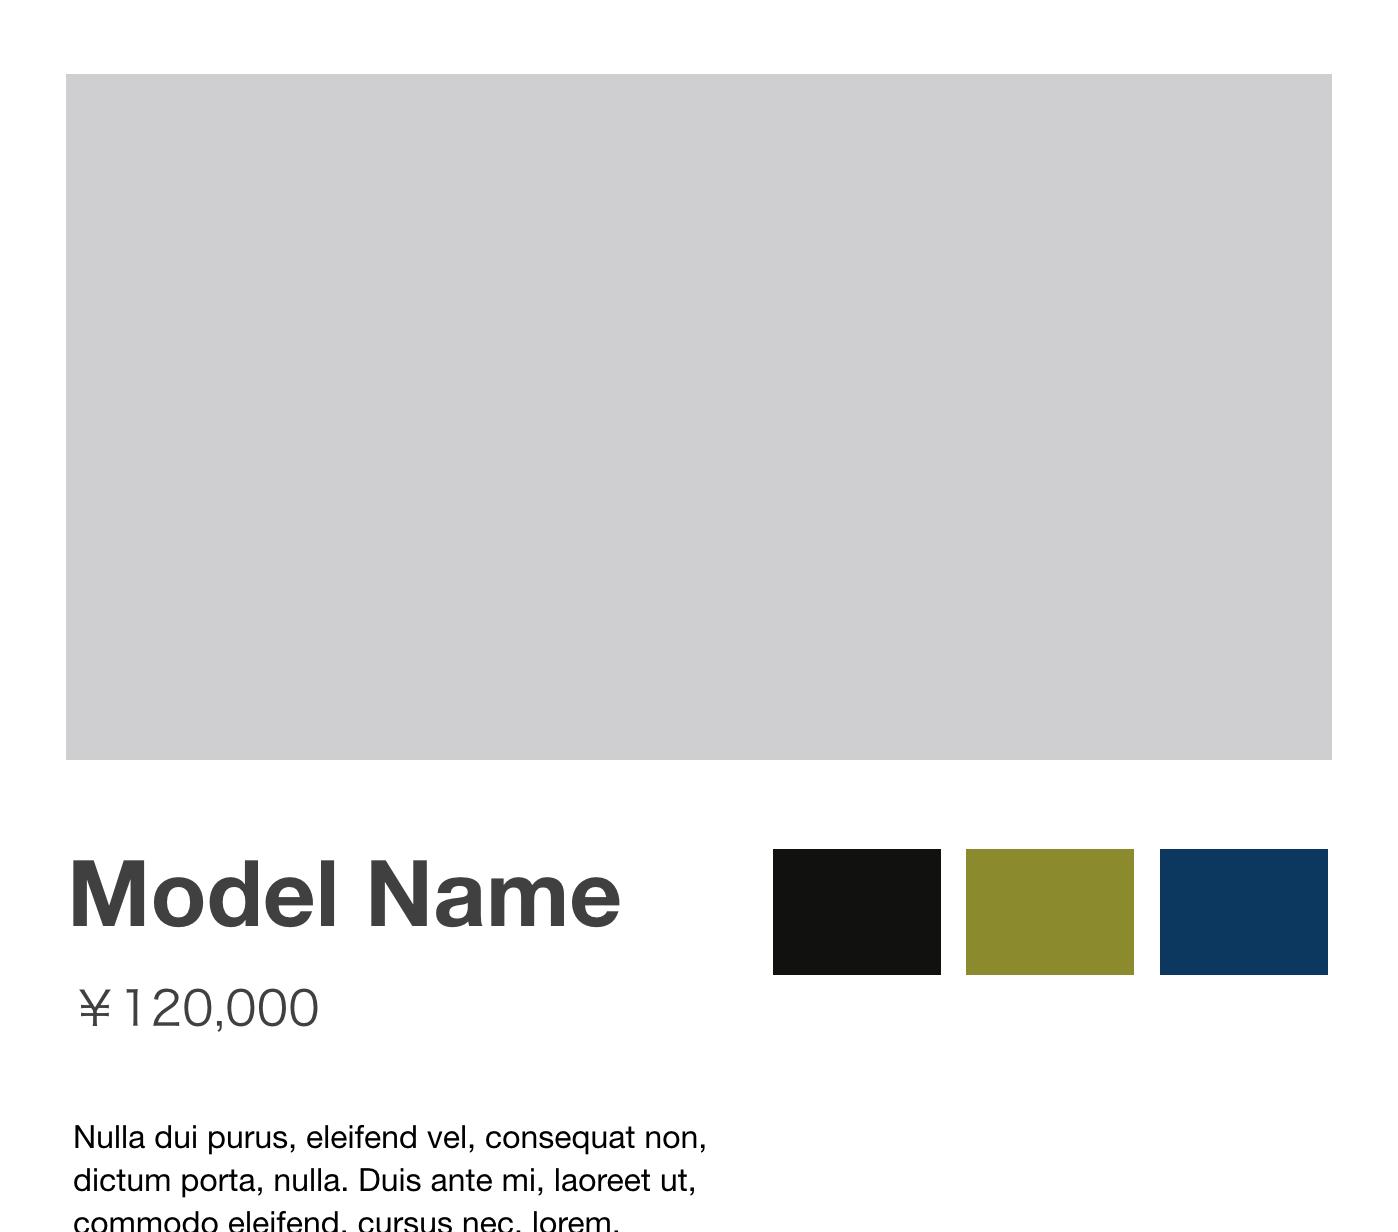 商品紹介ページにおけるサムネイルによるカラーバリエーション表現